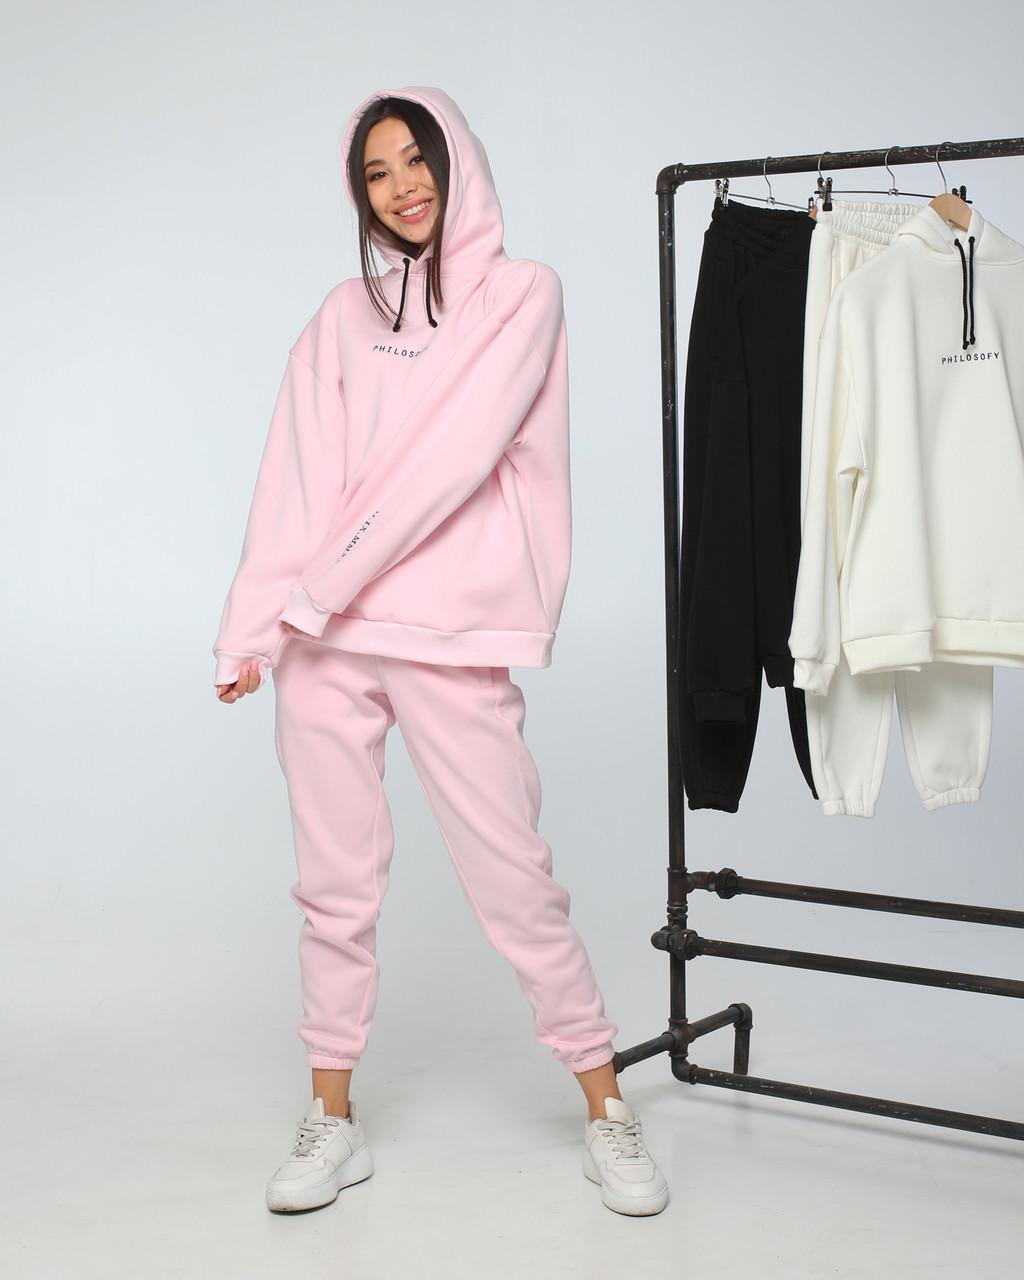 Спортивный костюм женский  розовый на флисе сезон зима Философия от бренда Тур, размеры: S,M